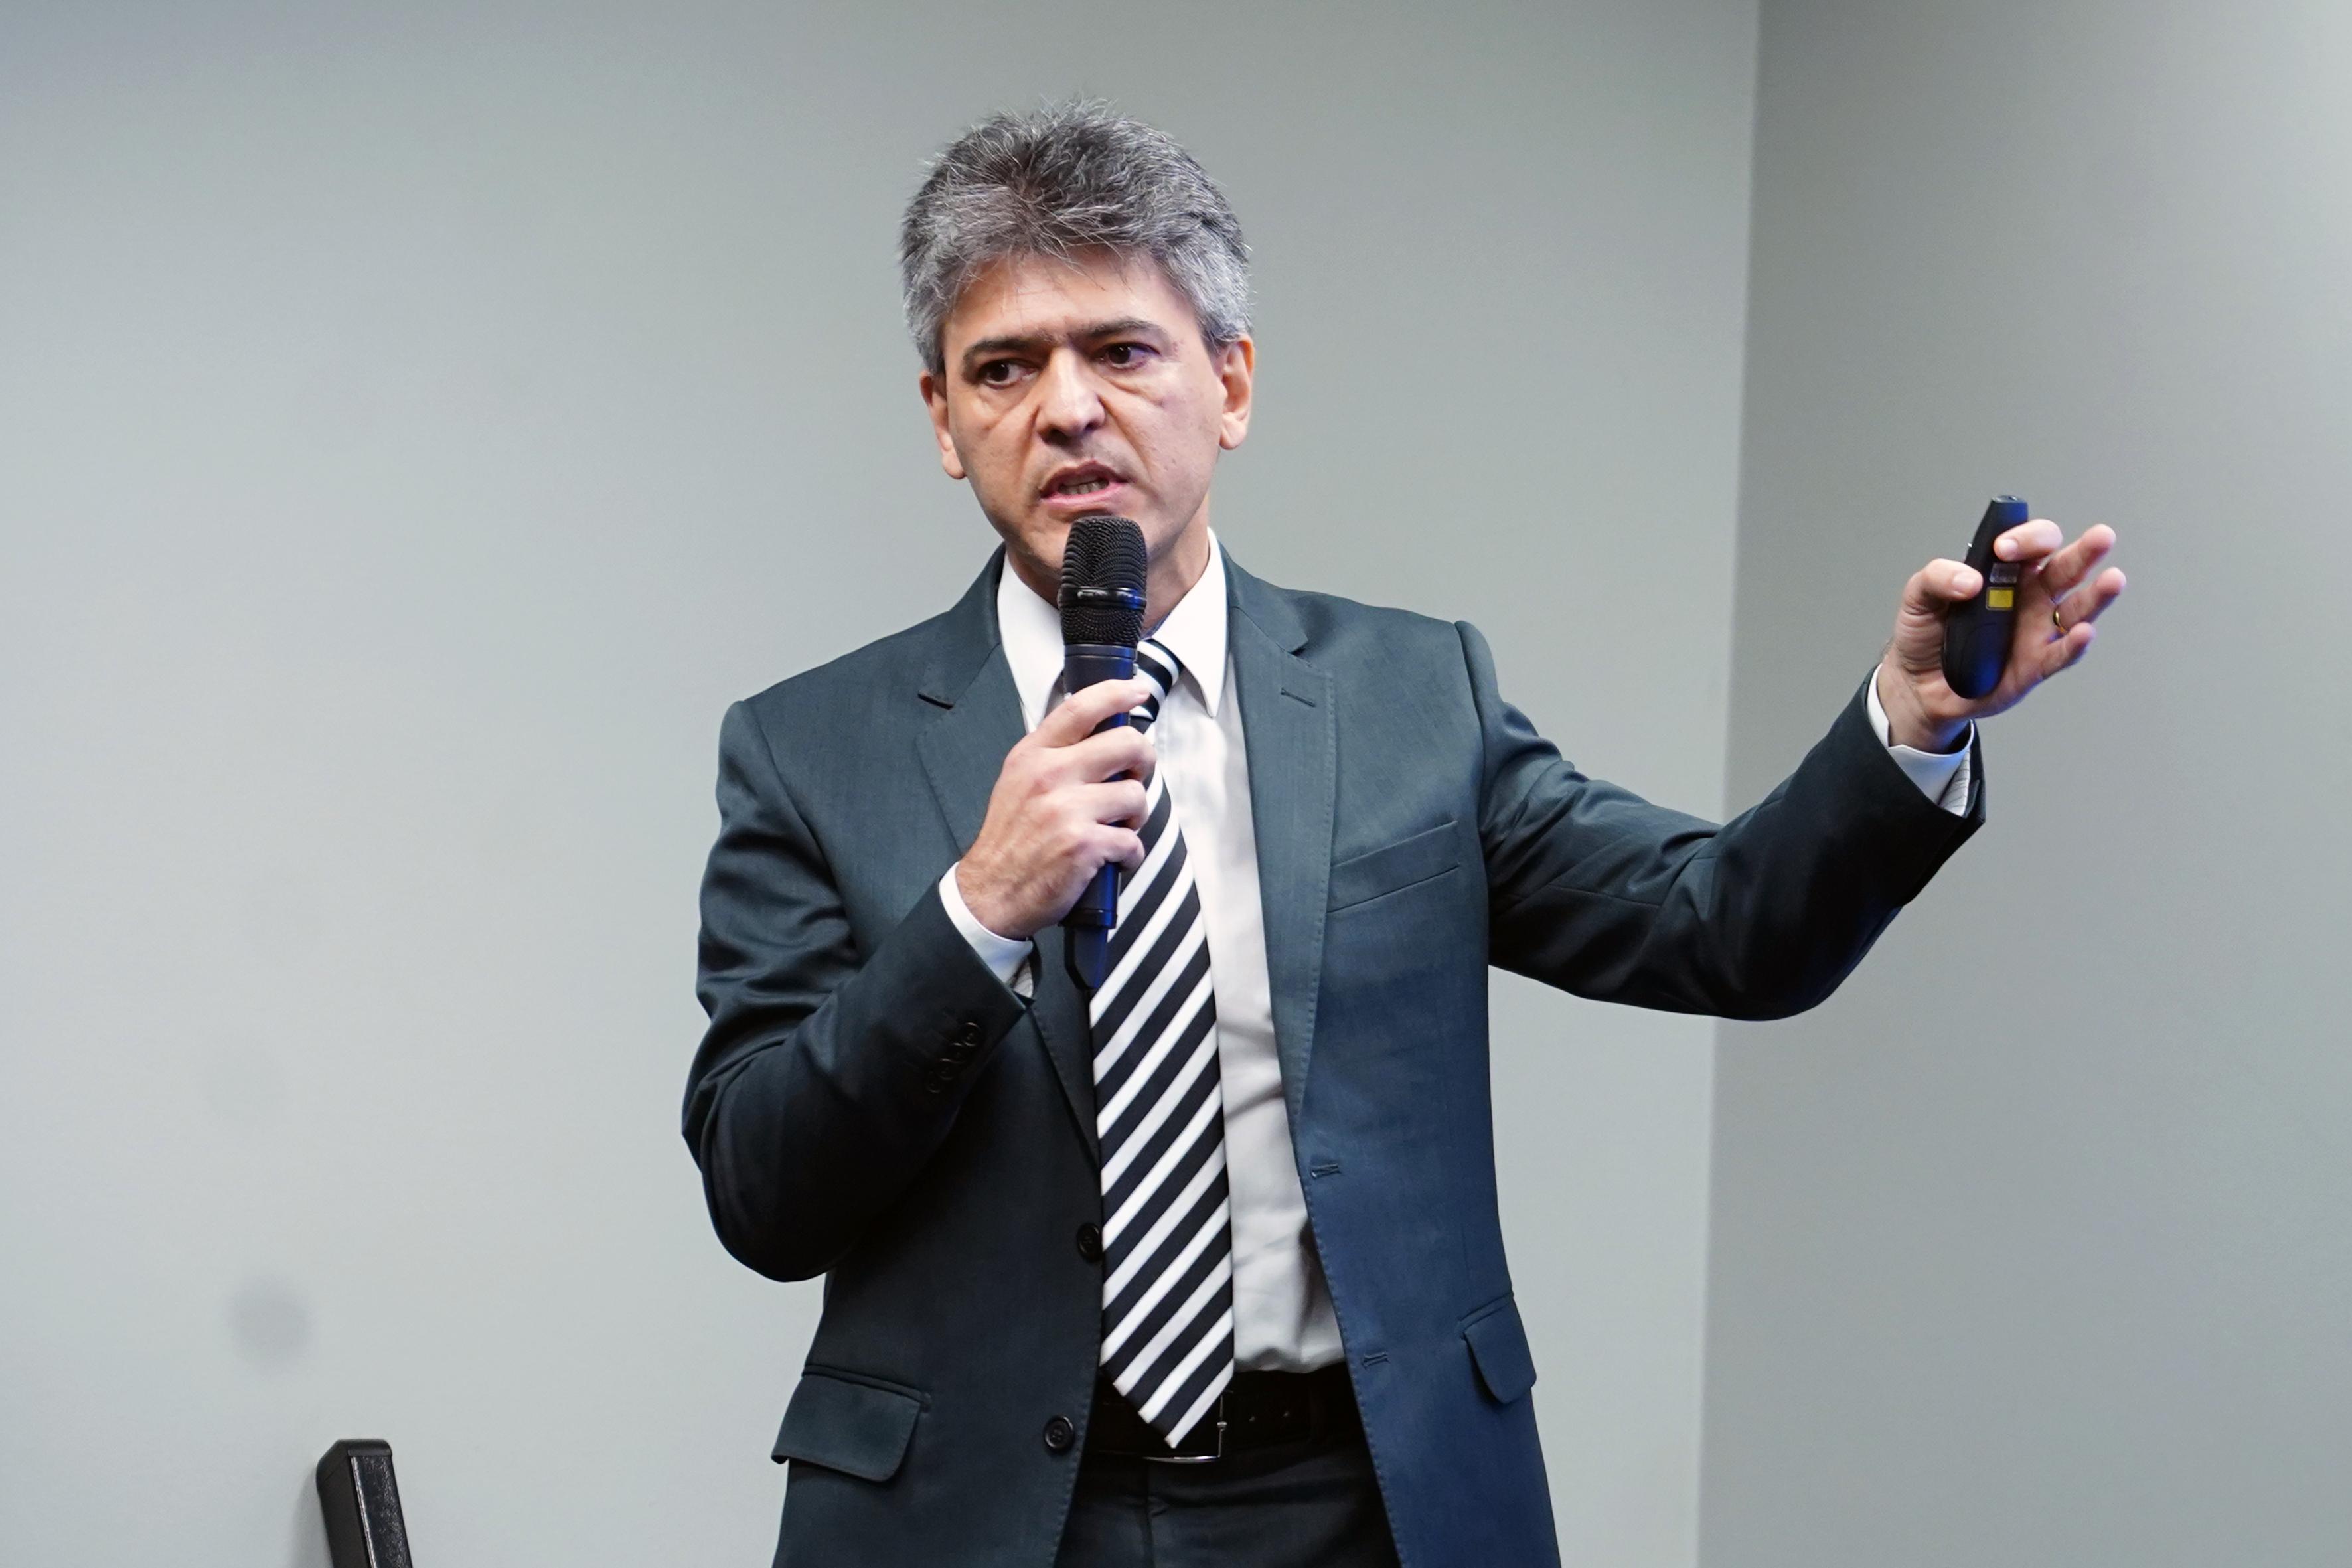 Audiência pública sobre as categorias com Critérios Diferenciados de Aposentadoria. Secretário Especial Adjunto de Previdência do Ministério da Economia, Narlon Gutierre Nogueira